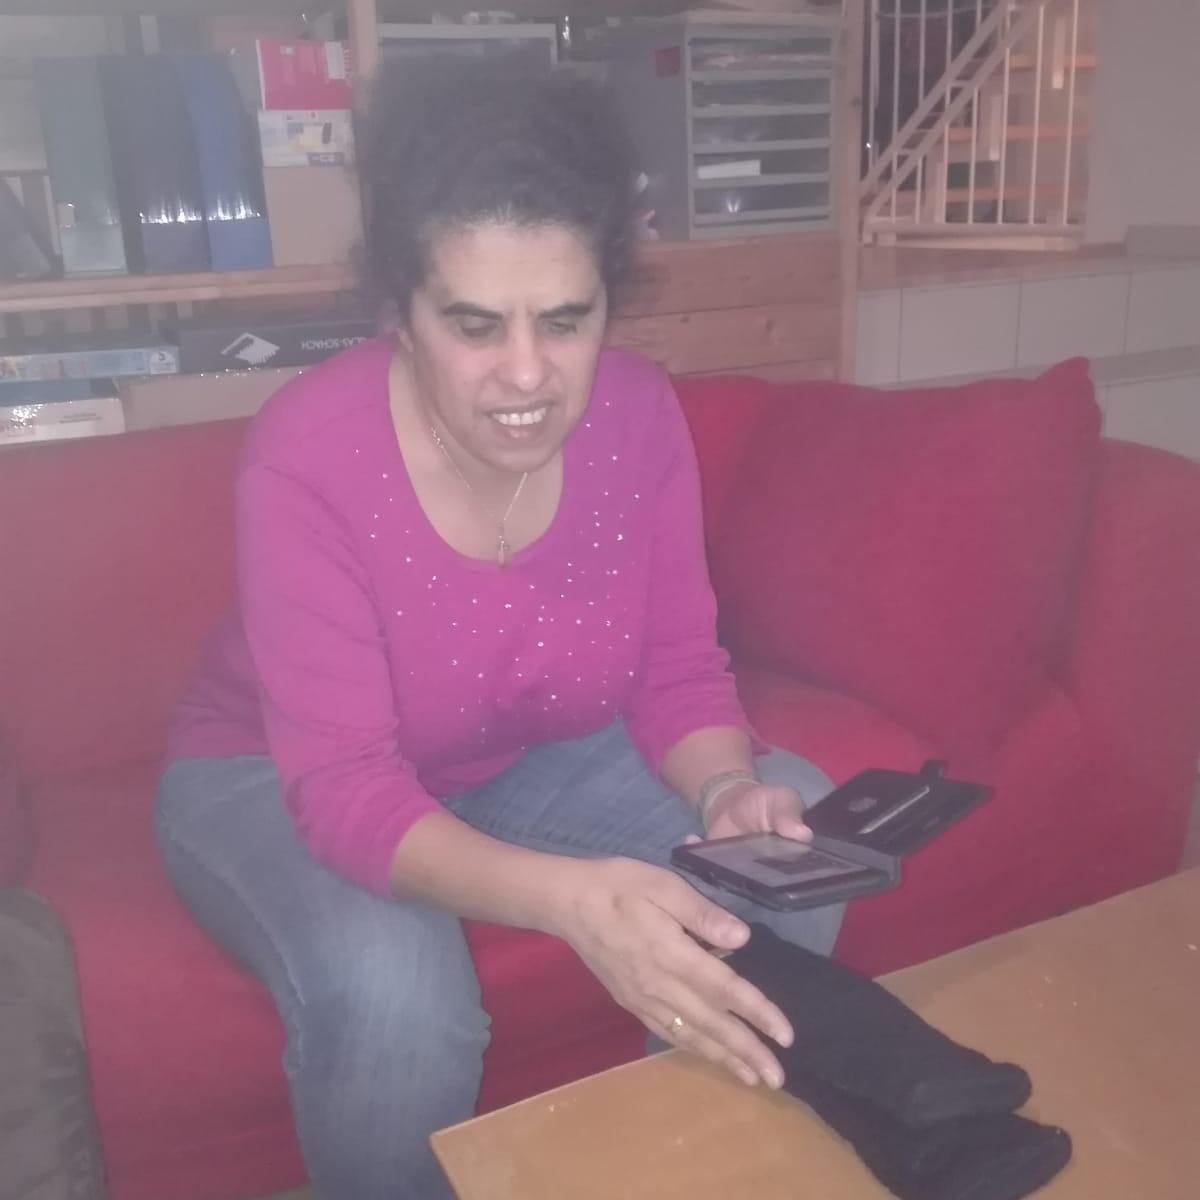 Lydia richtet ein Smartphone auf einen schwarzen Handschuh.